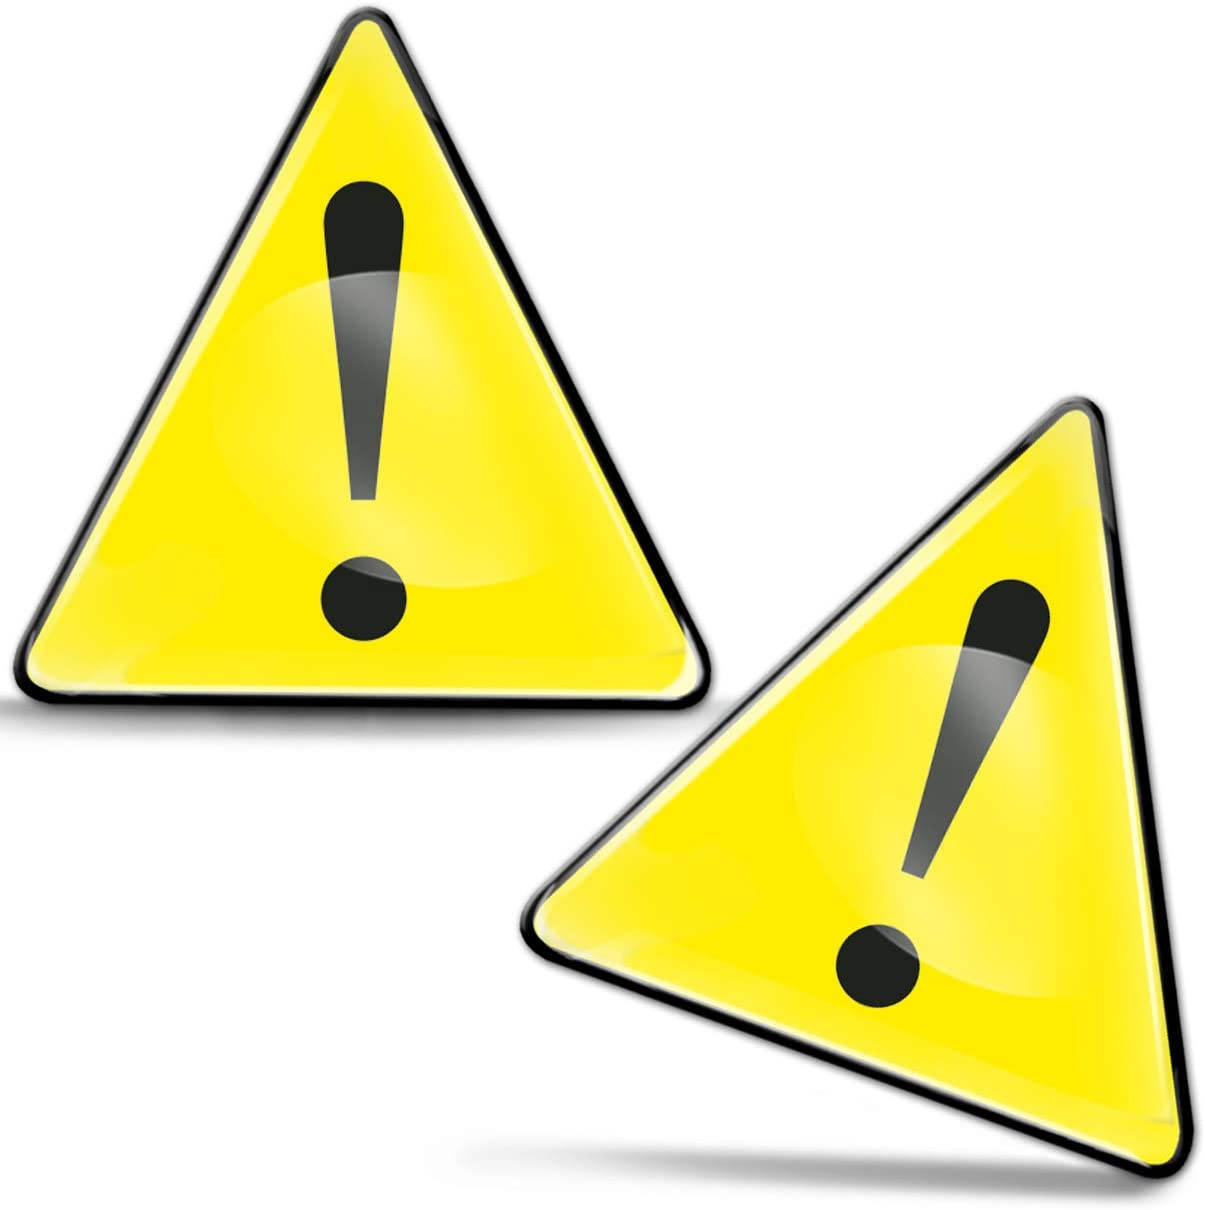 SkinoEu® 2 x 3D Gel Pegatinas Advertencia Seguridad Biológico Biohazard Toxico Precaución Detener Firmar Peligro Adhesiva Señal Riesgo Eléctrico Sécurité Radiactivos Símbolo Seguridad KS 130